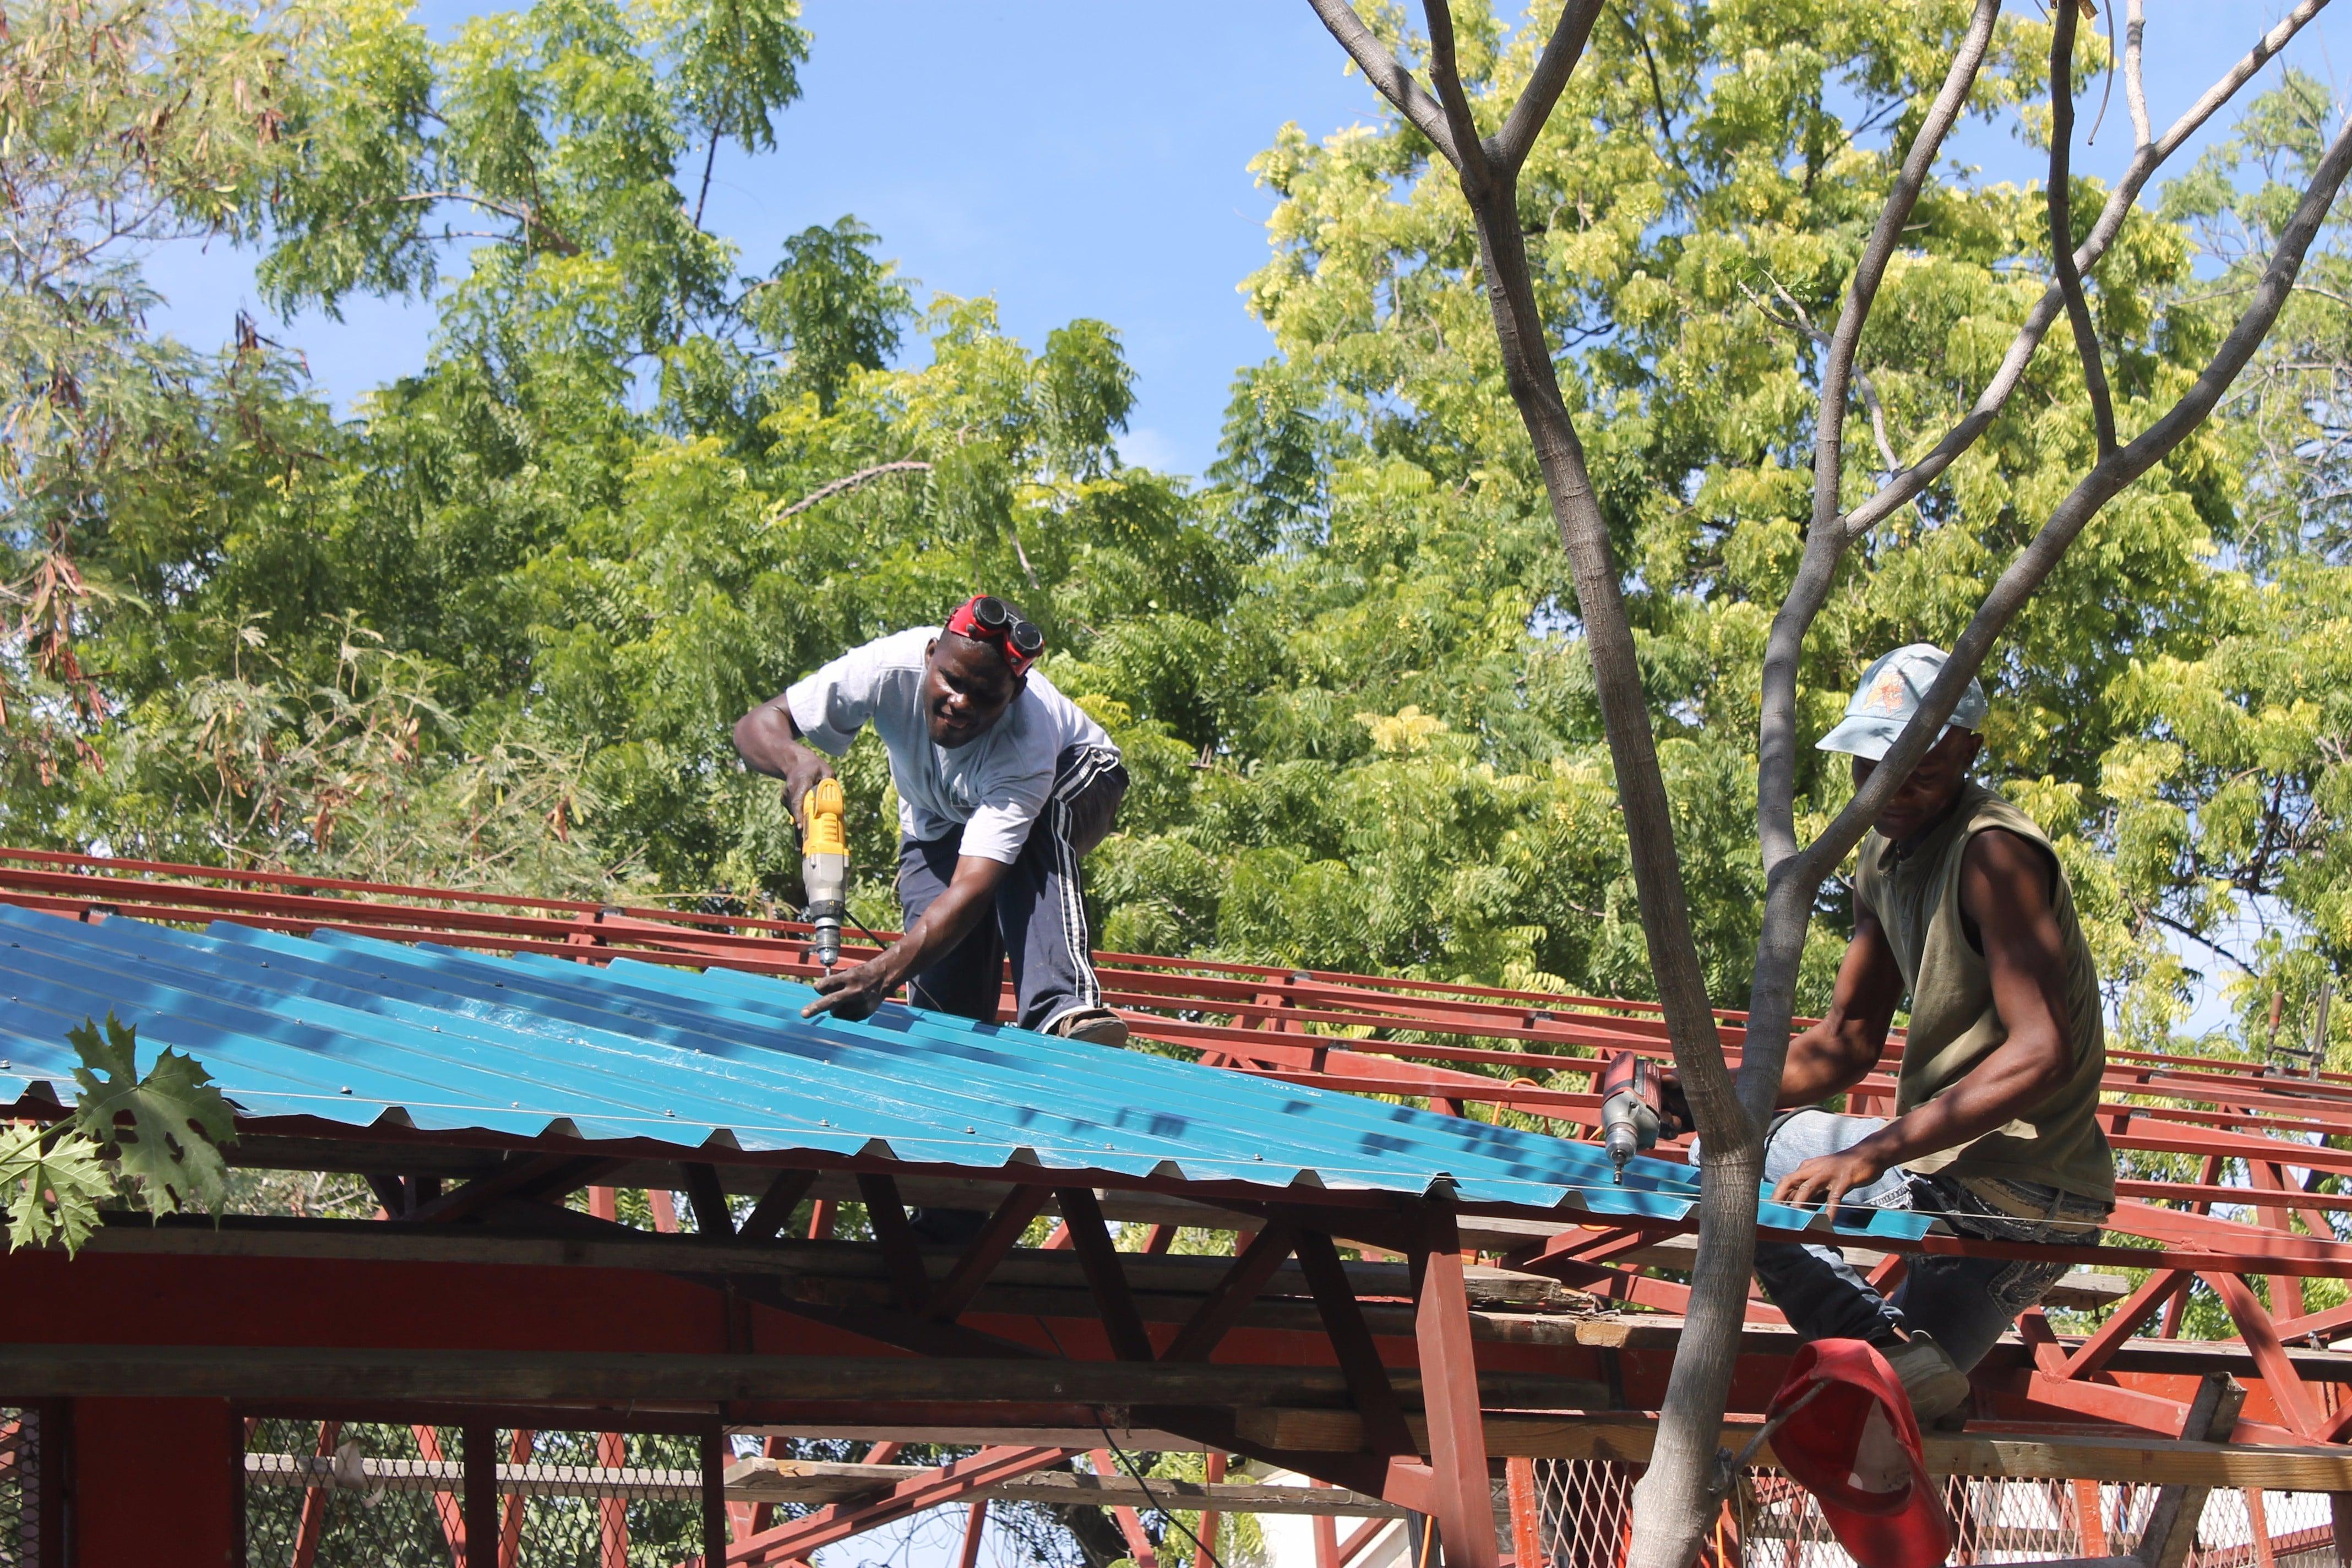 Die Solaranlage ist auf dem Weg nach Haiti!